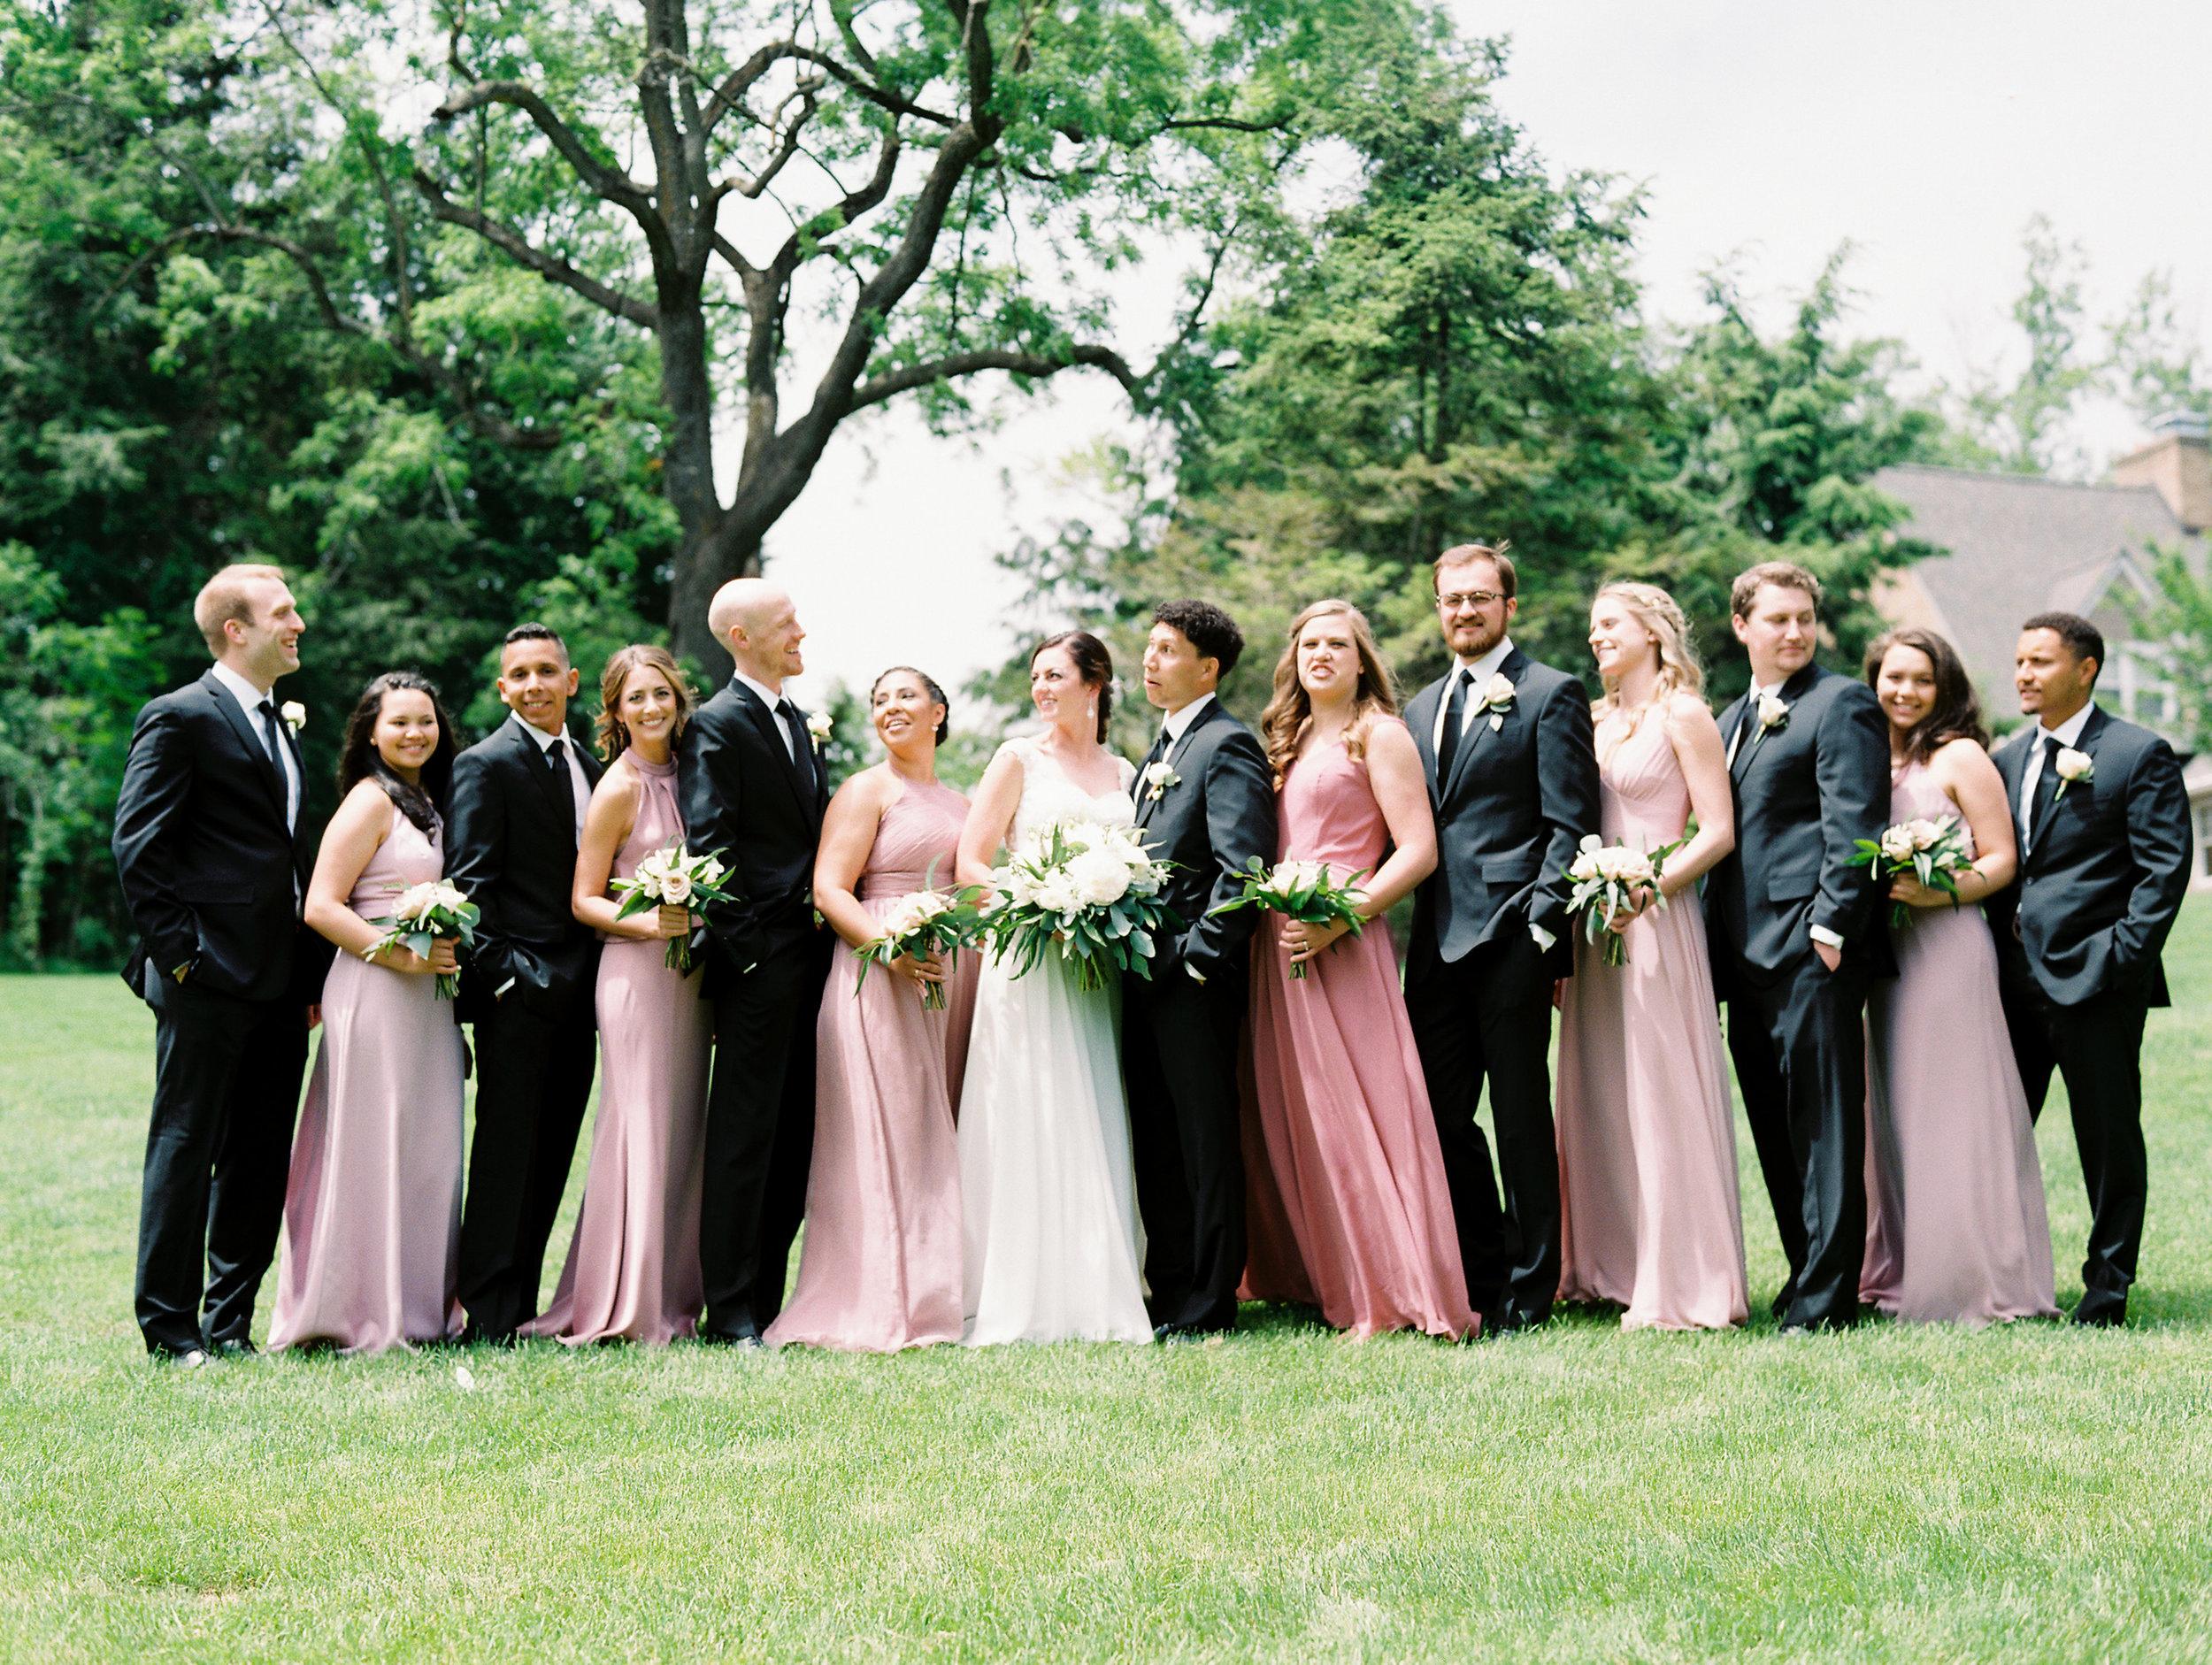 Julius+Wedding+BridalPartyf-83.jpg